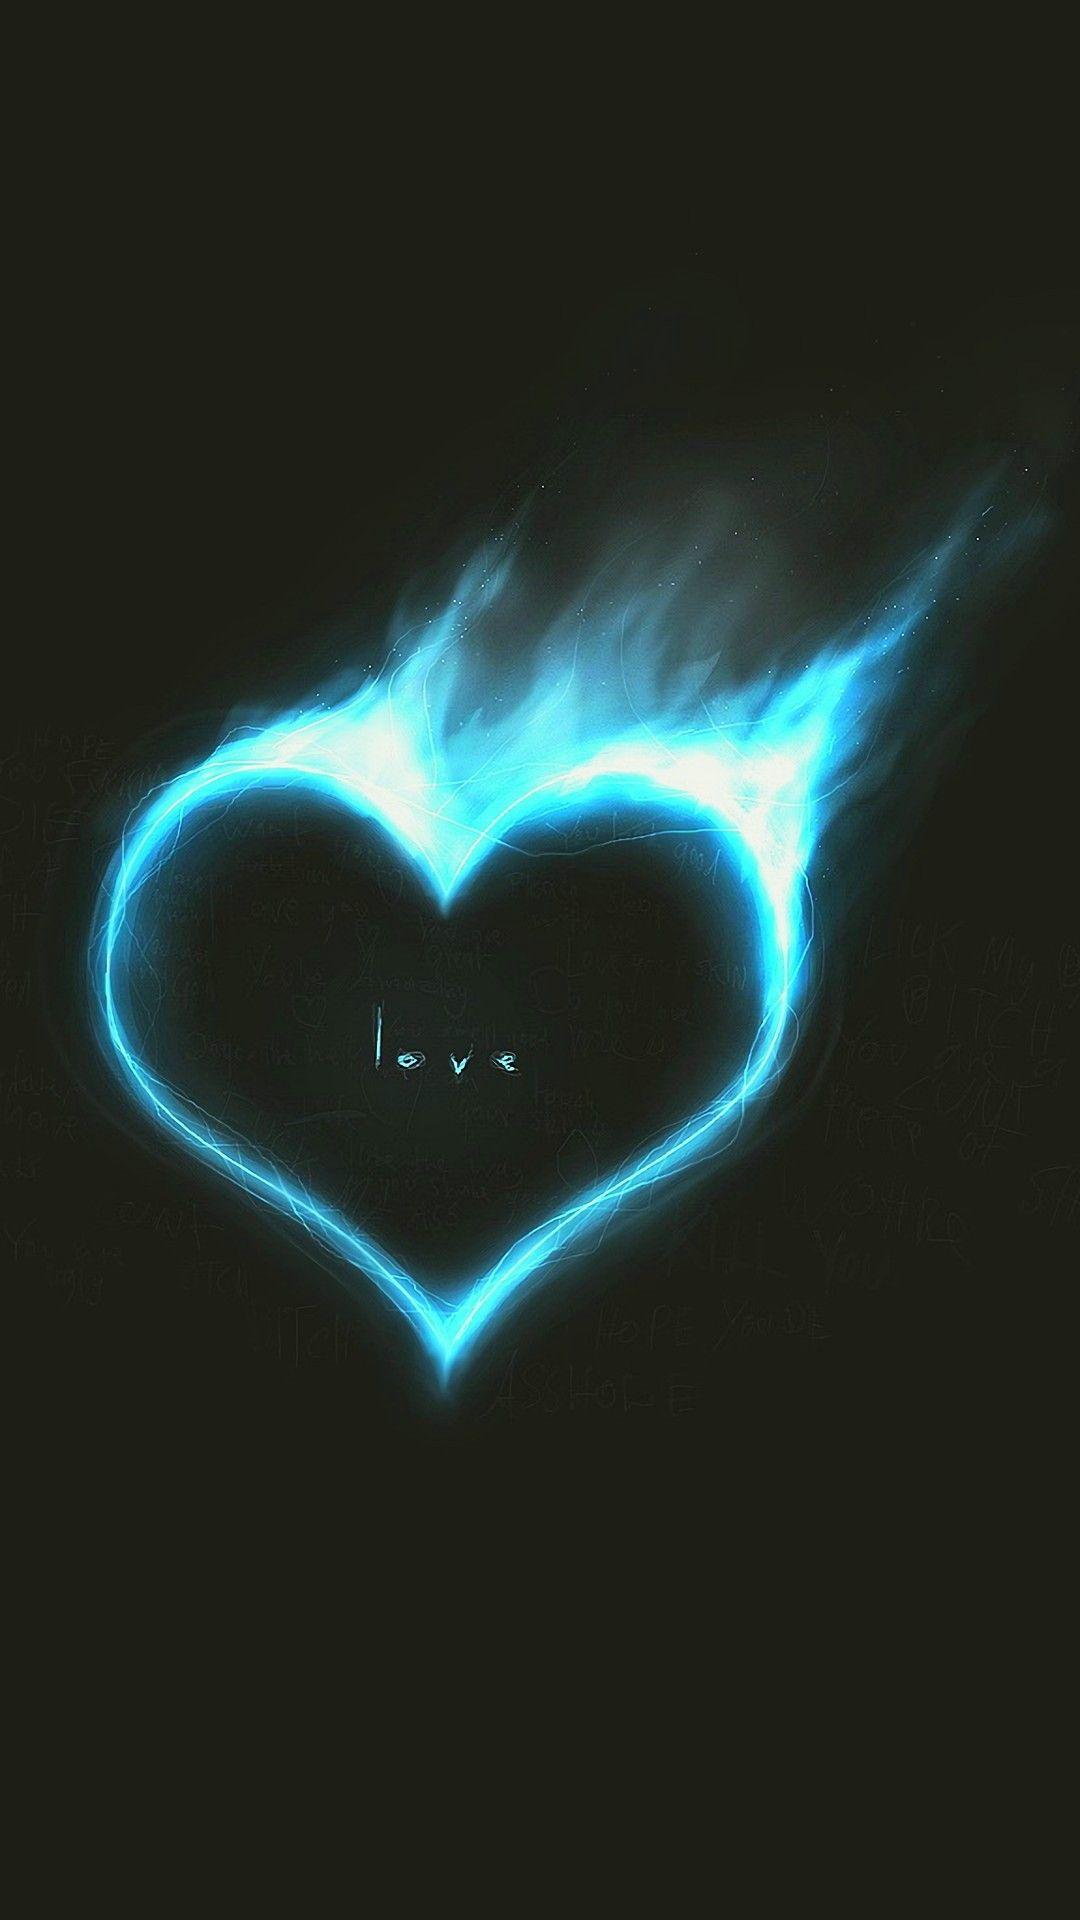 Black And Blue Heart Wallpaper Heart Wallpaper Blue Heart Wallpaper Beautiful Backgrounds